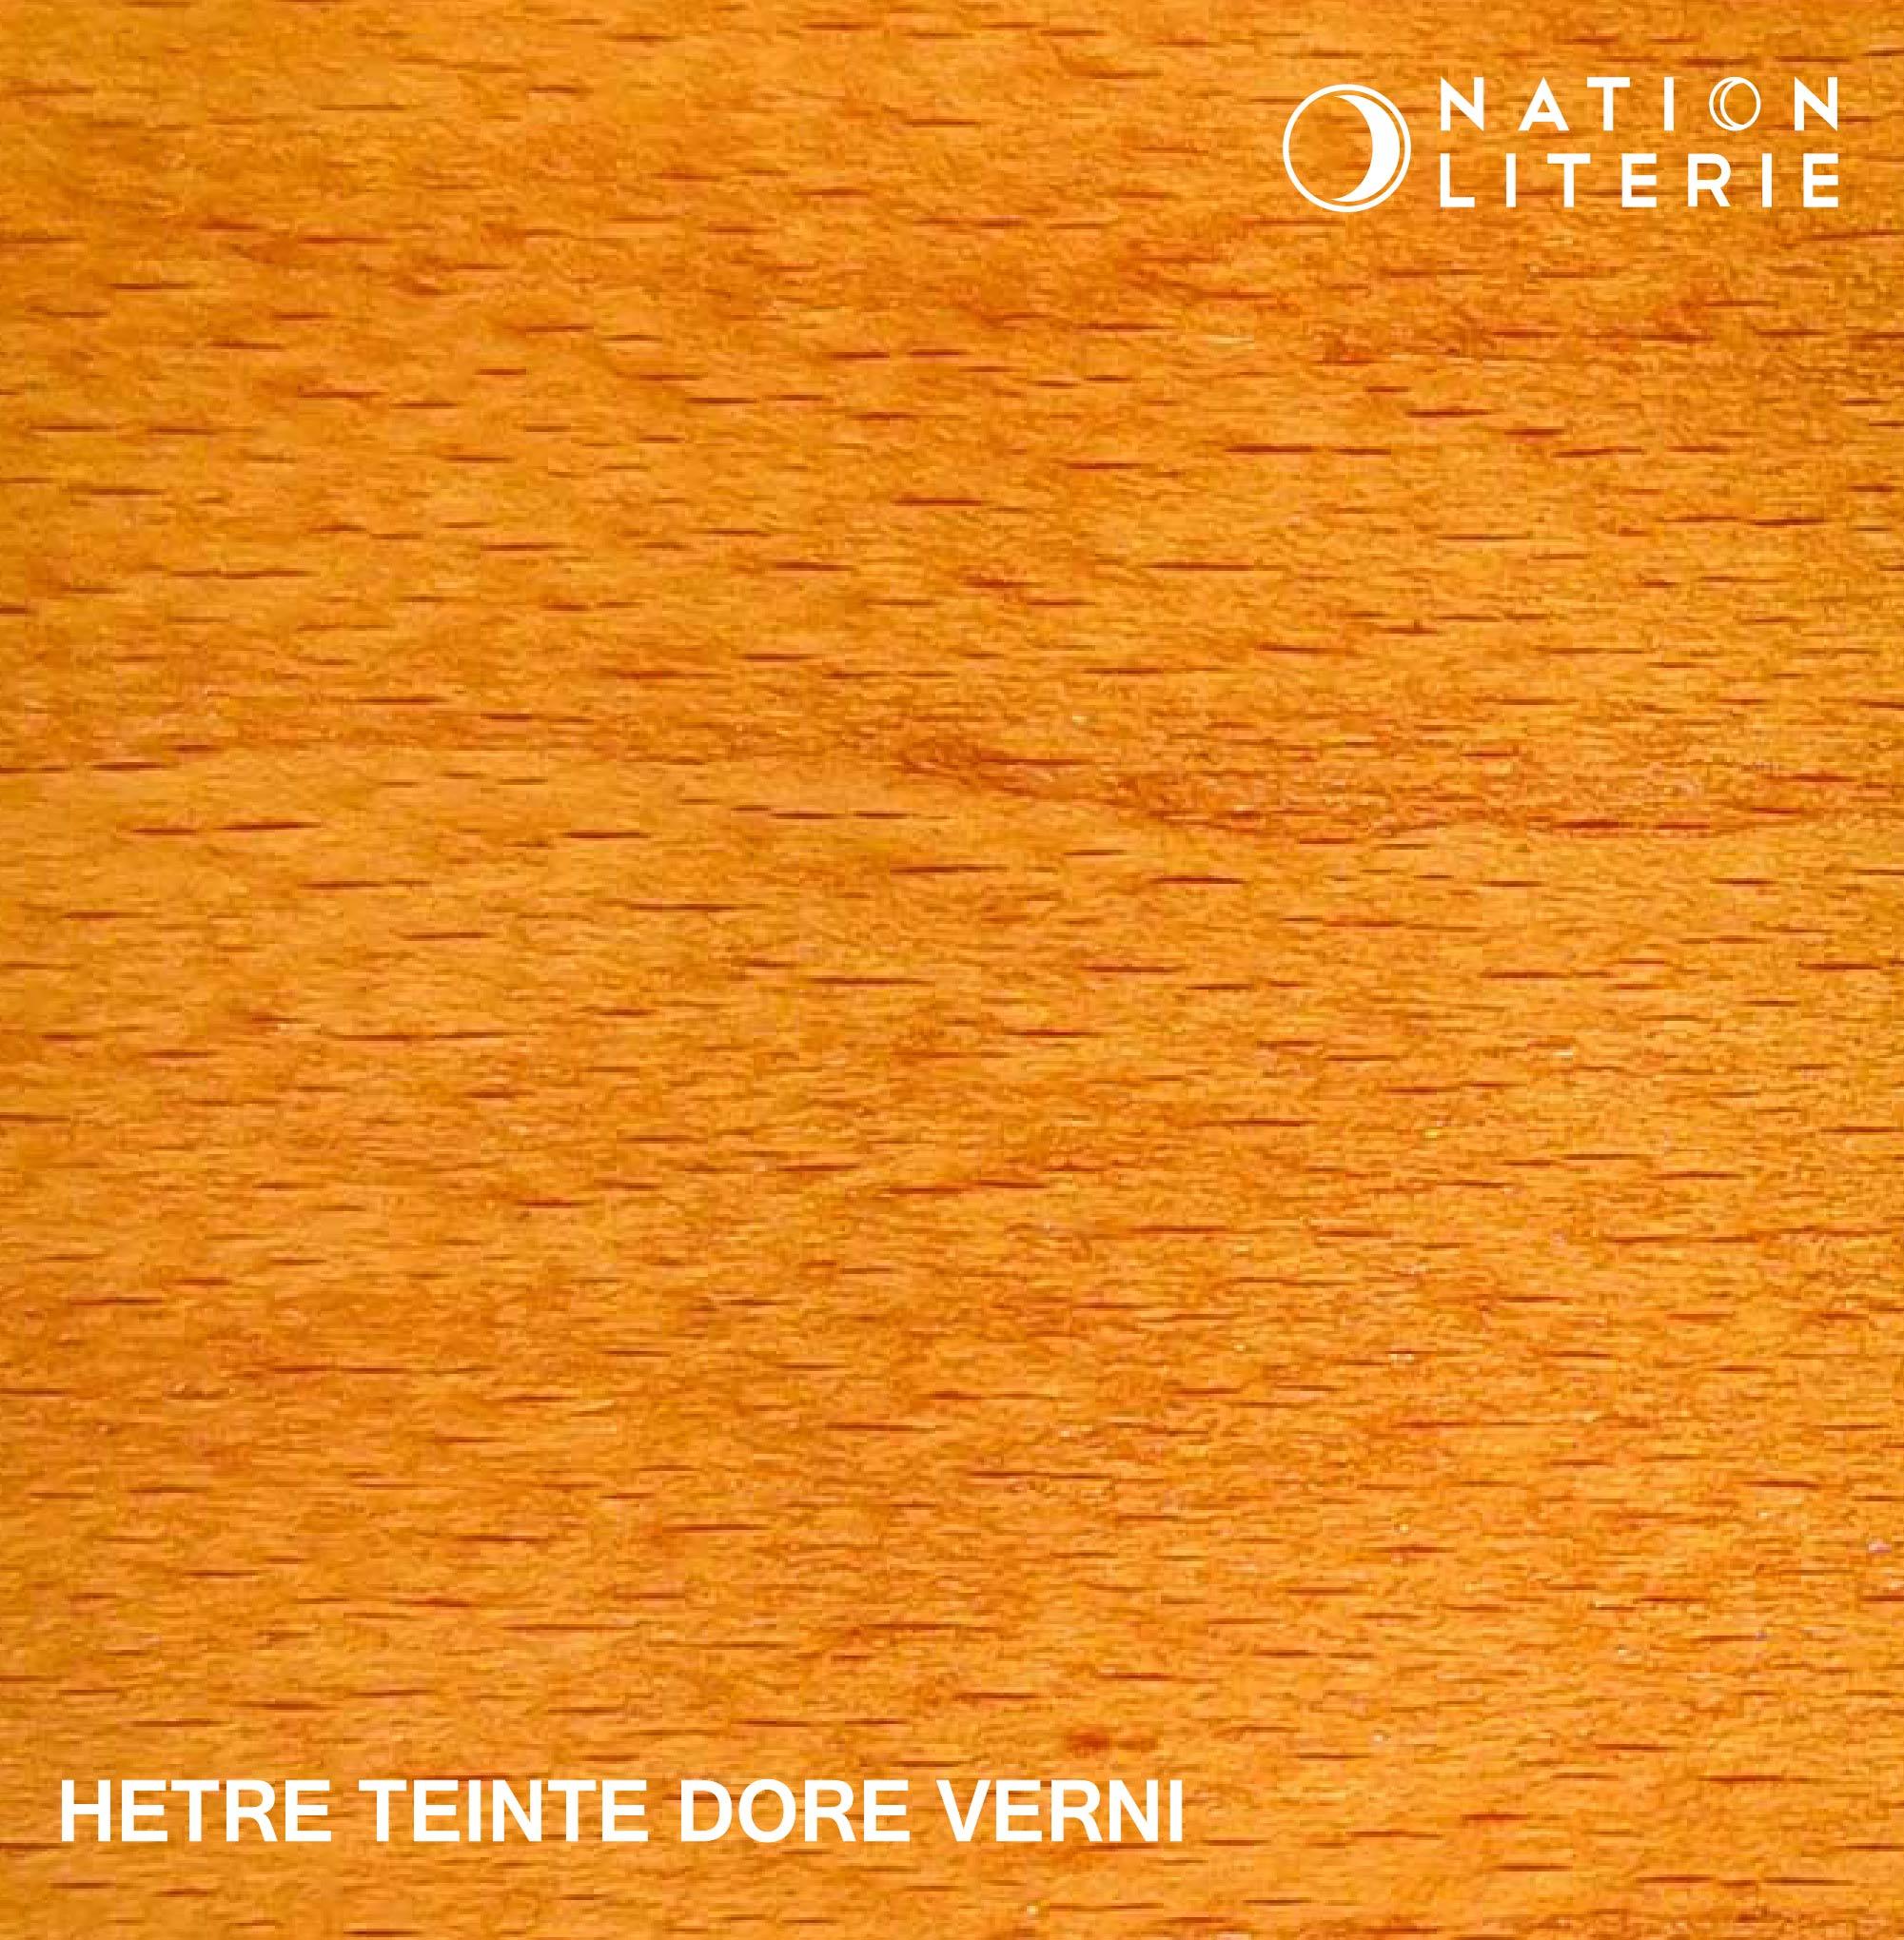 Hêtre teinté doré vernis